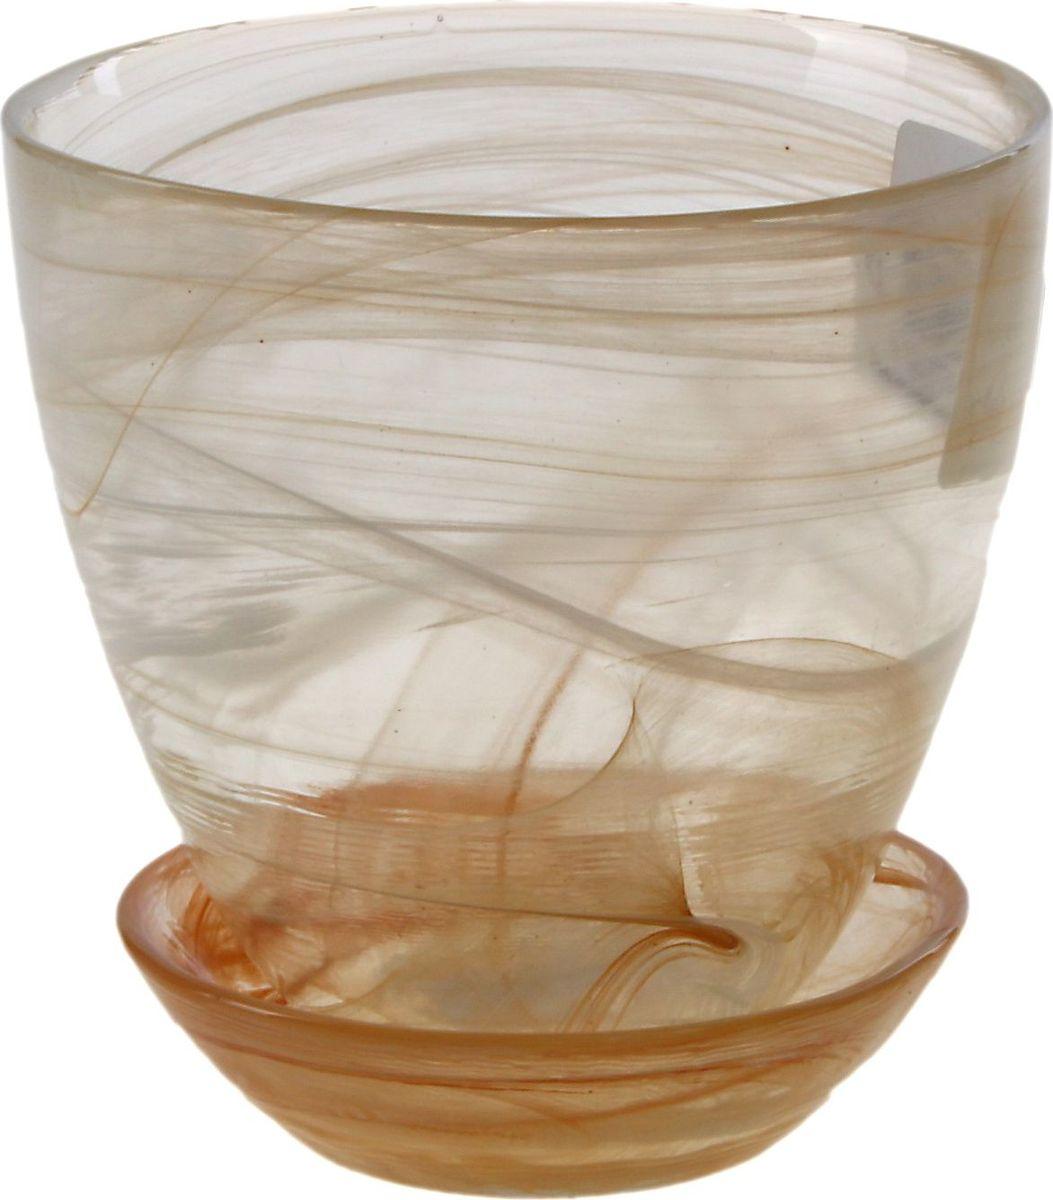 Кашпо NiNaGlass Гармония, с поддоном, цвет: бежевый, 0,5 л607653Комнатные растения — всеобщие любимцы. Они радуют глаз, насыщают помещение кислородом и украшают пространство. Каждому цветку необходим свой удобный и красивый дом. Из-за прозрачности стекла такие декоративные вазы для горшков пользуются большой популярностью для выращивания орхидей. позаботится о зеленом питомце, освежит интерьер и подчеркнет его стиль!